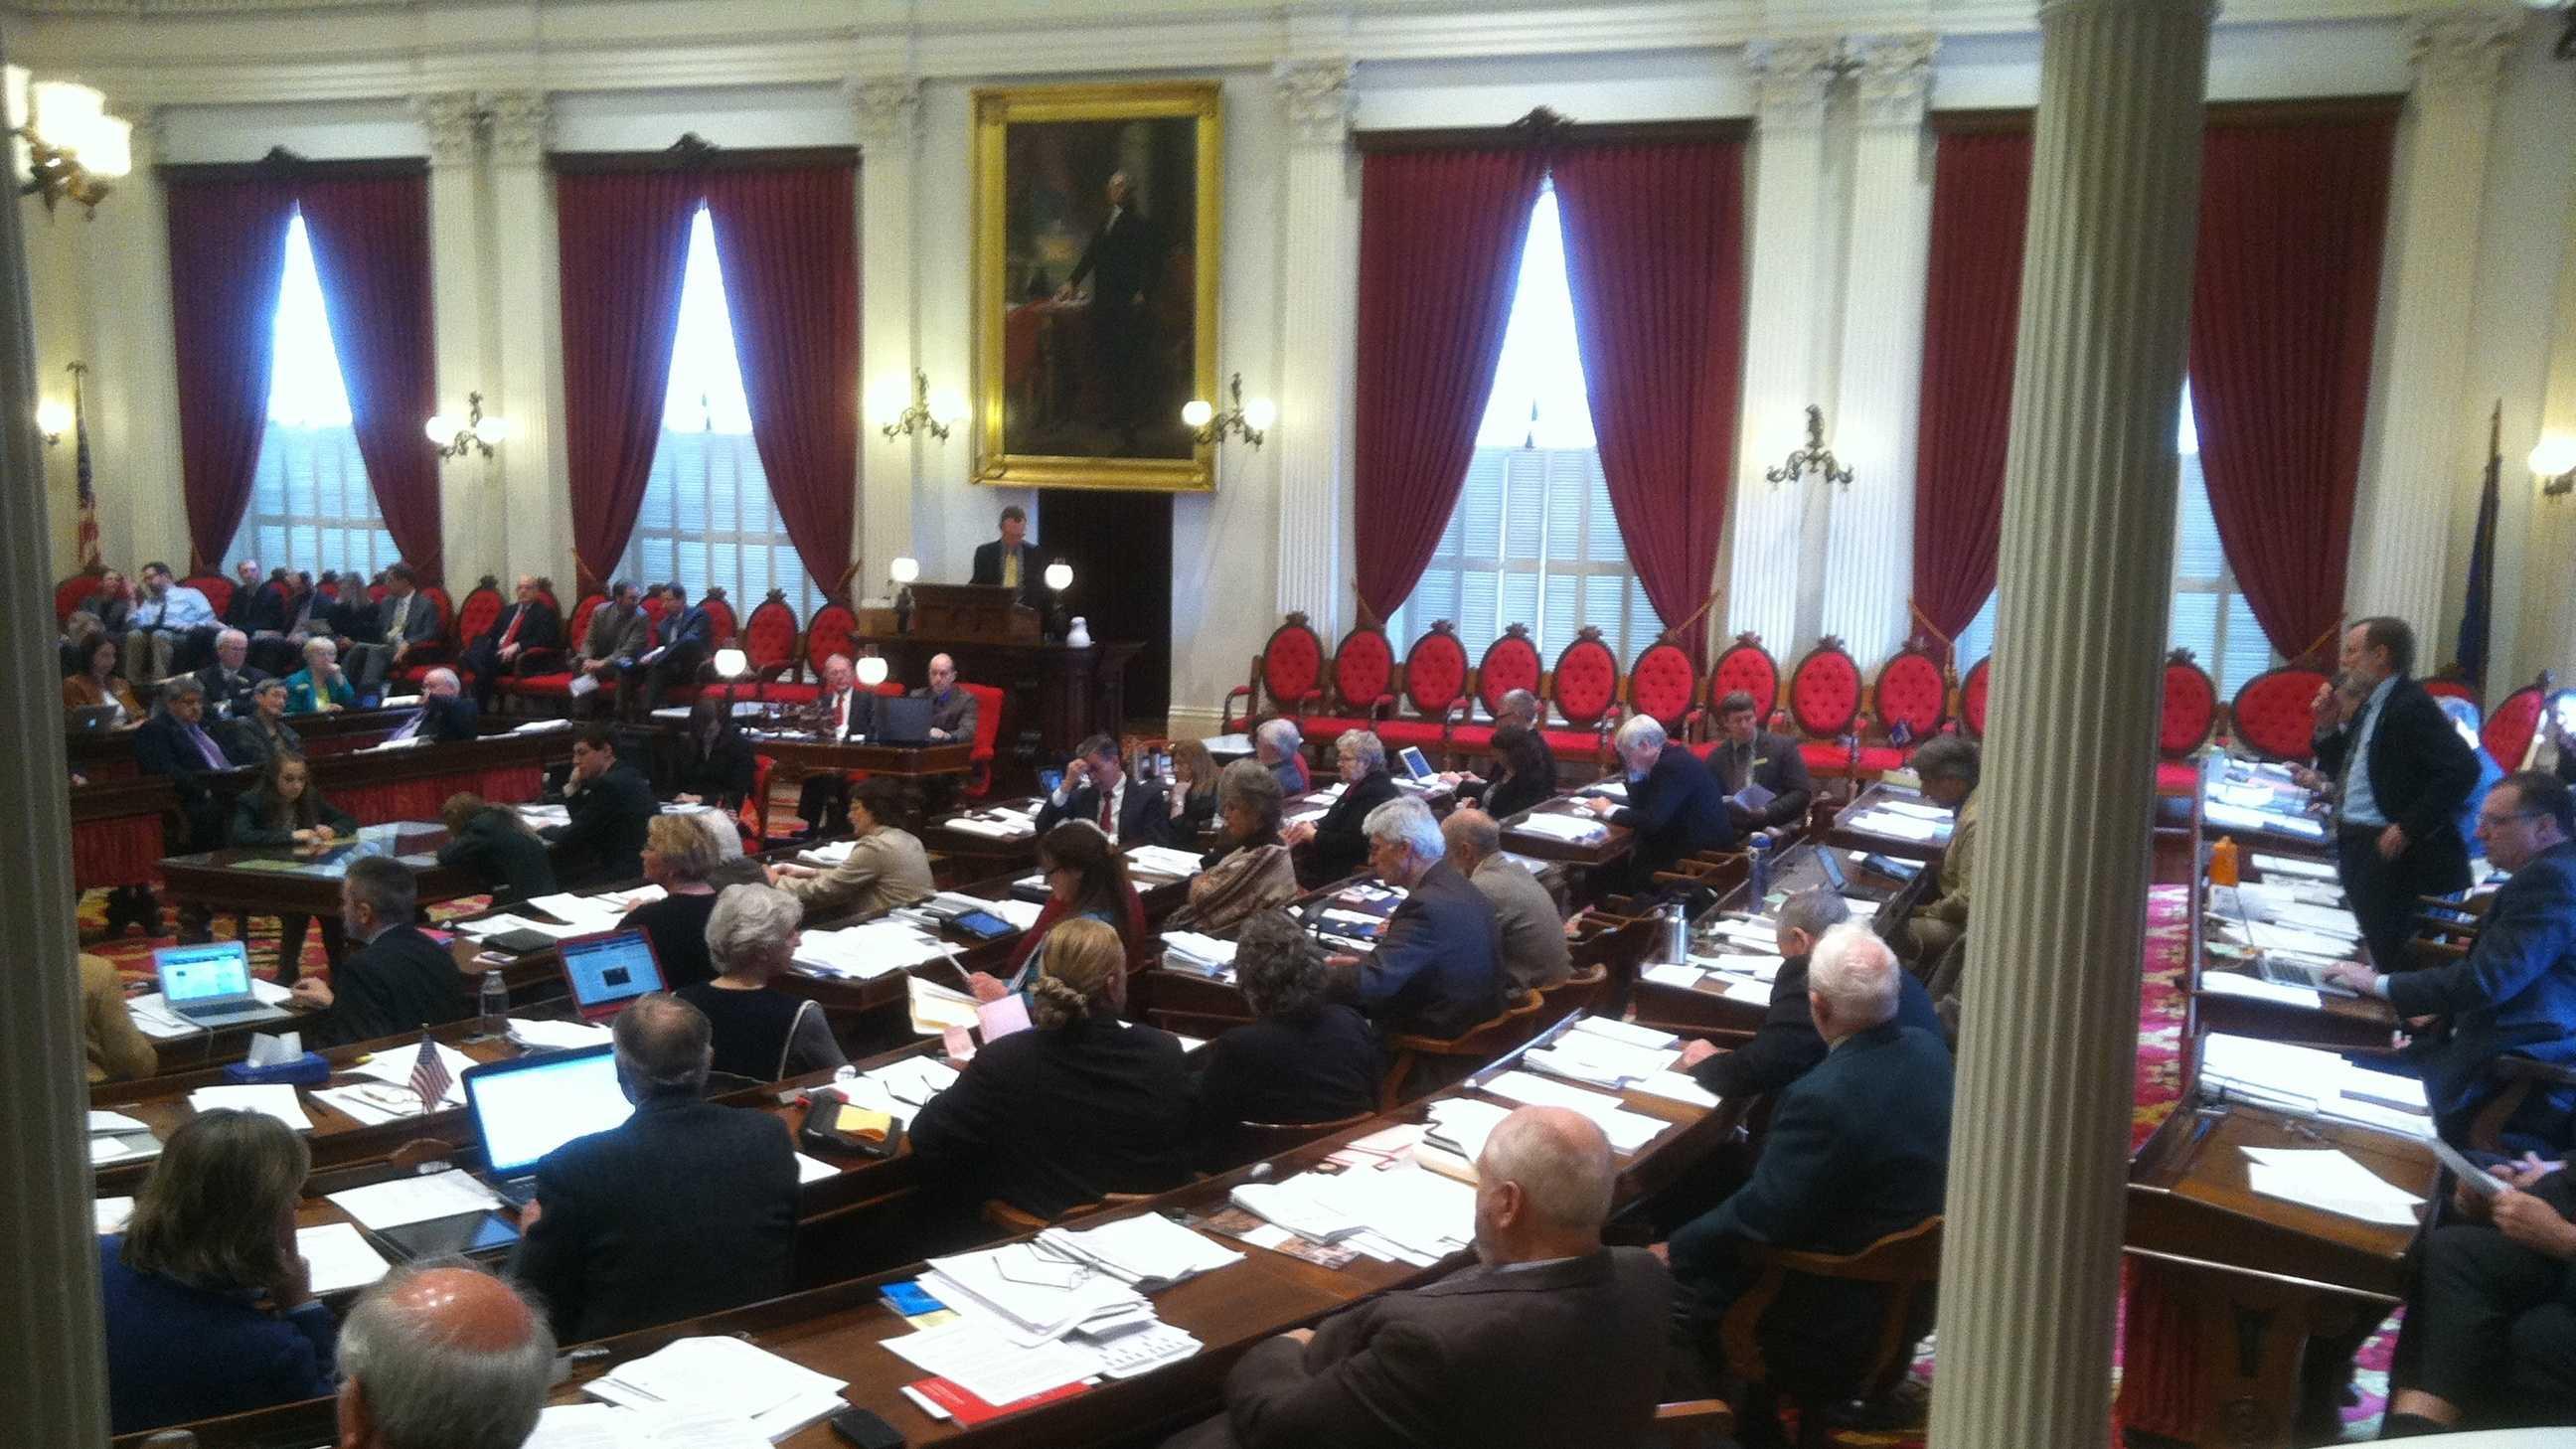 03-29-13 House Debate Friday